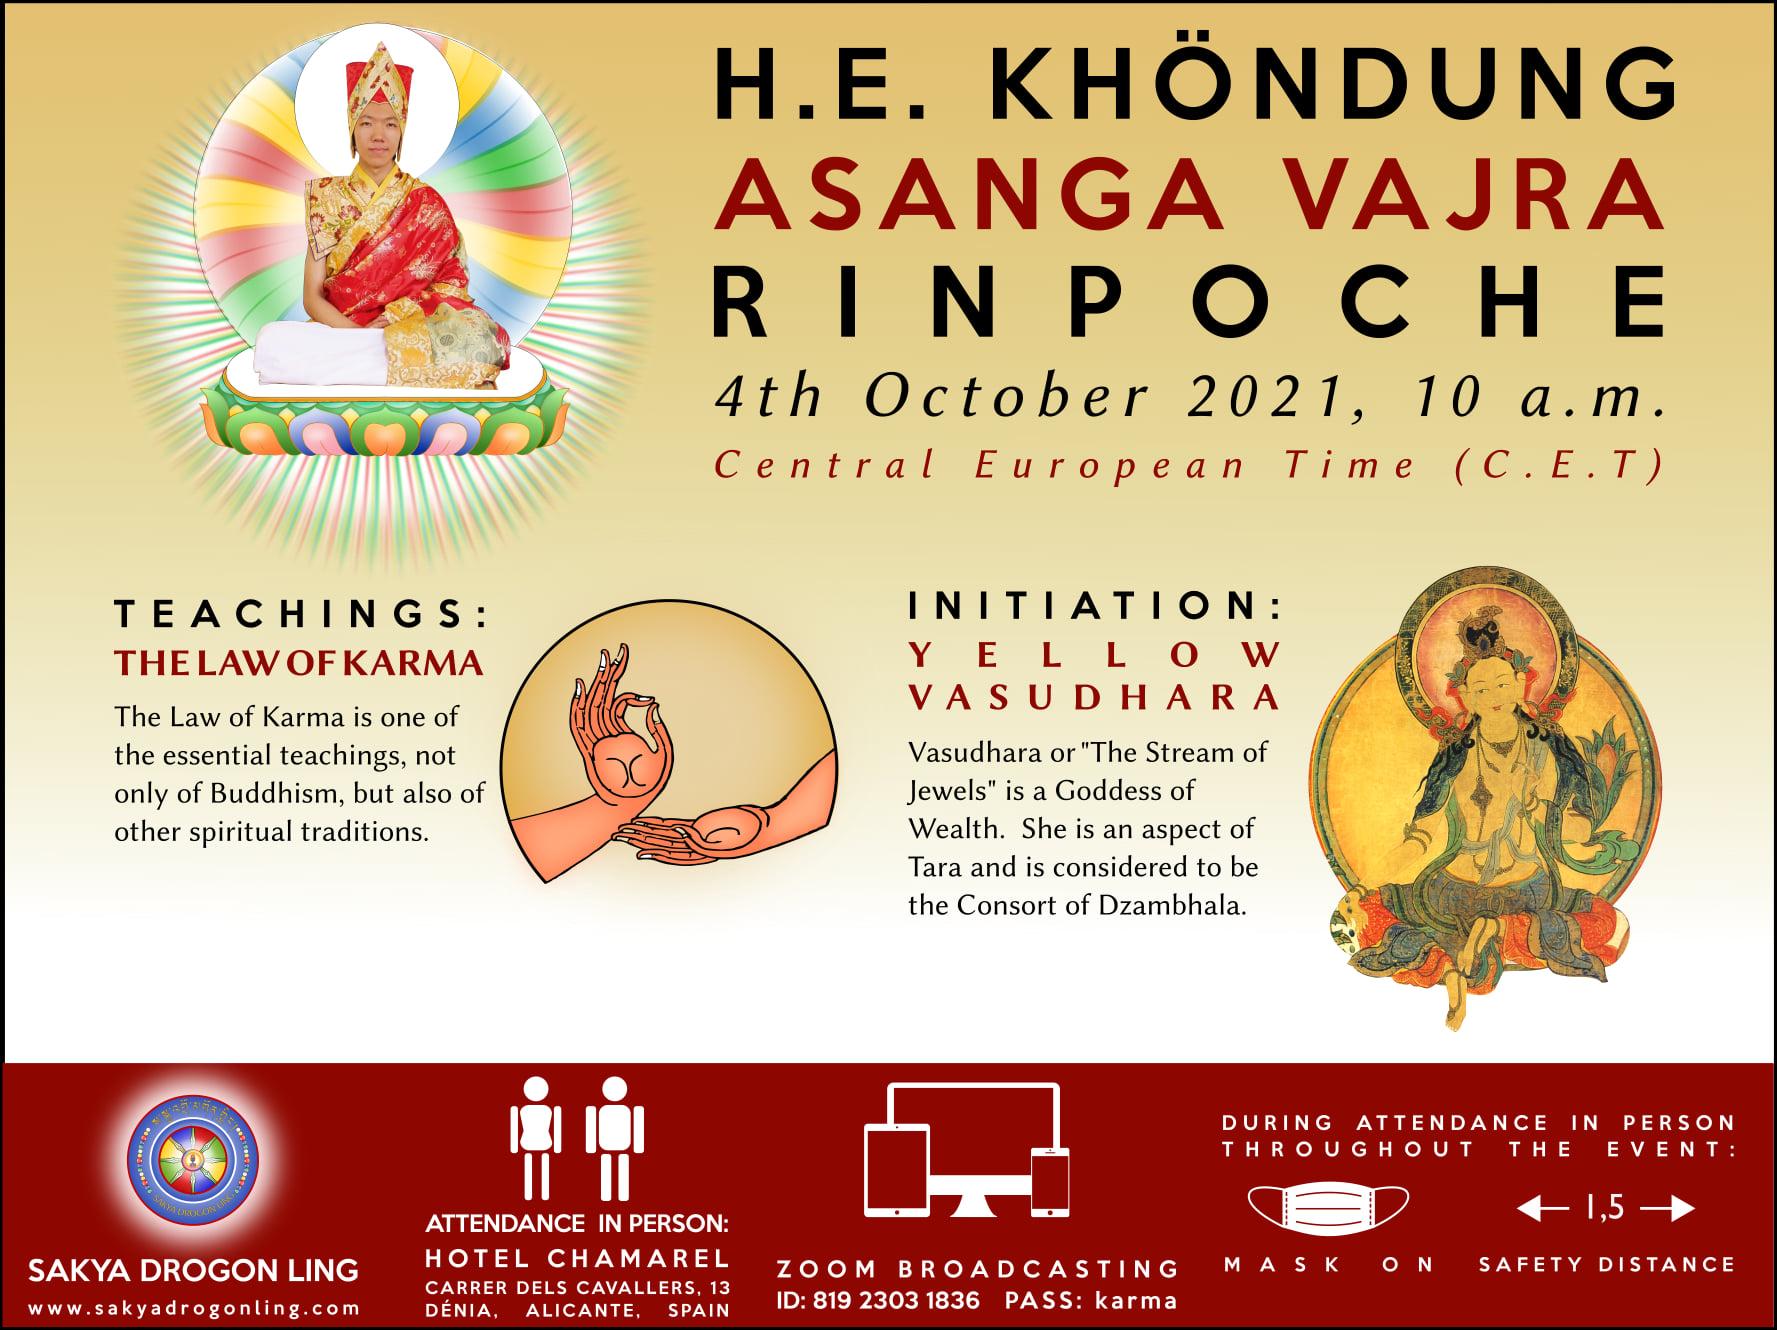 H. E. ASANGA VAJRA RINPOCHE at Sakya Drogon Ling - EN. ES. FR. IT